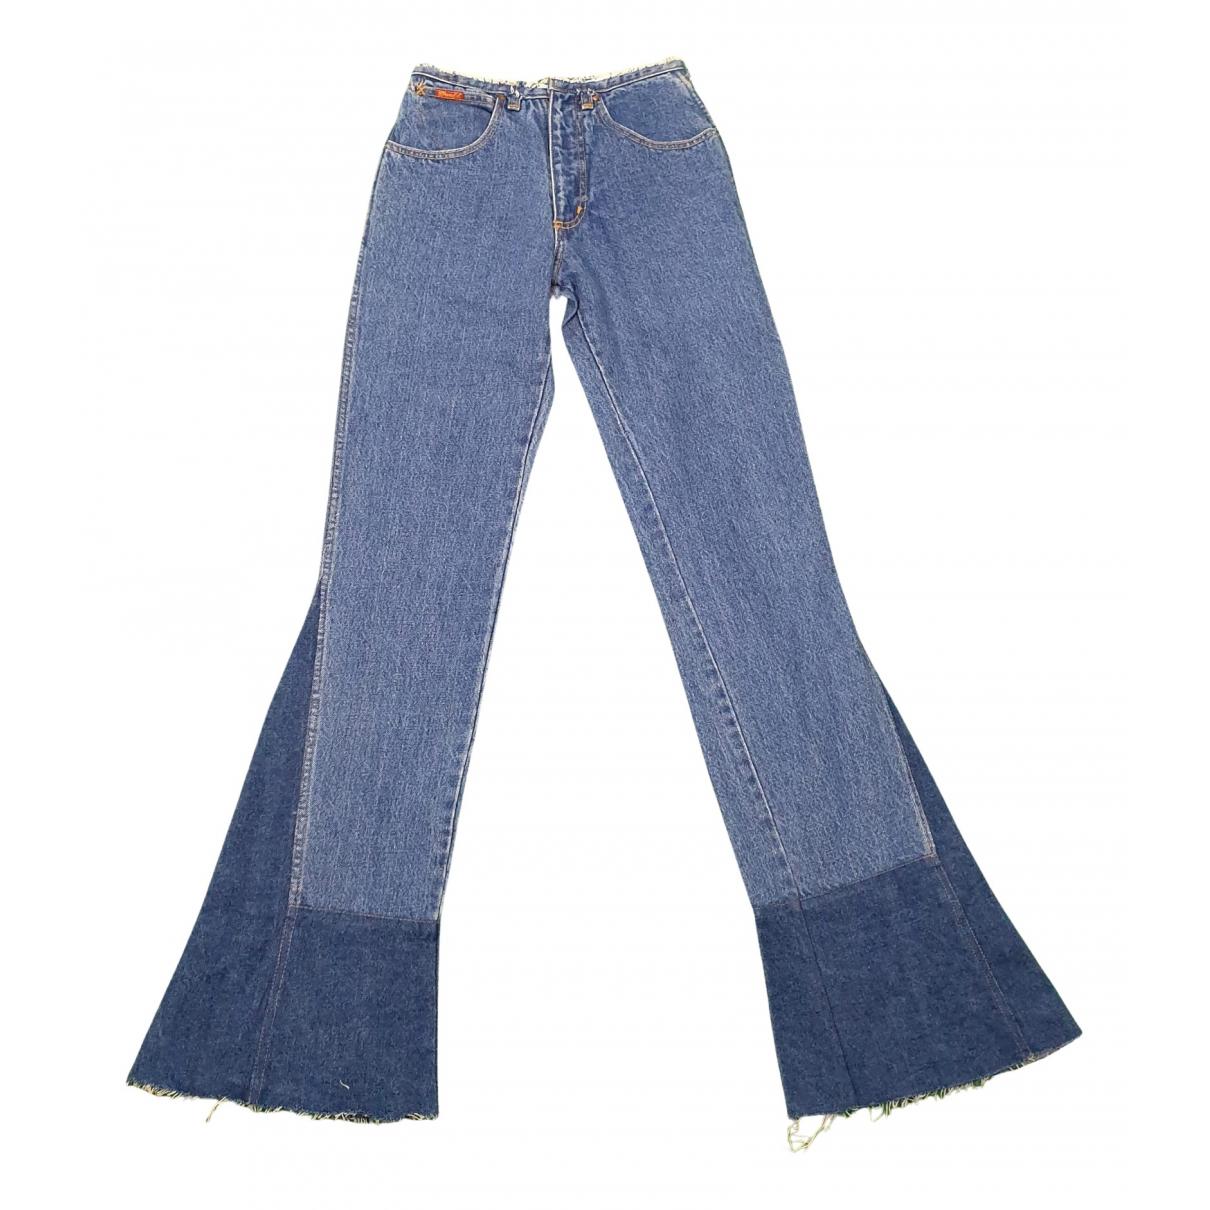 Wrangler N Turquoise Denim - Jeans Jeans for Women 26 US